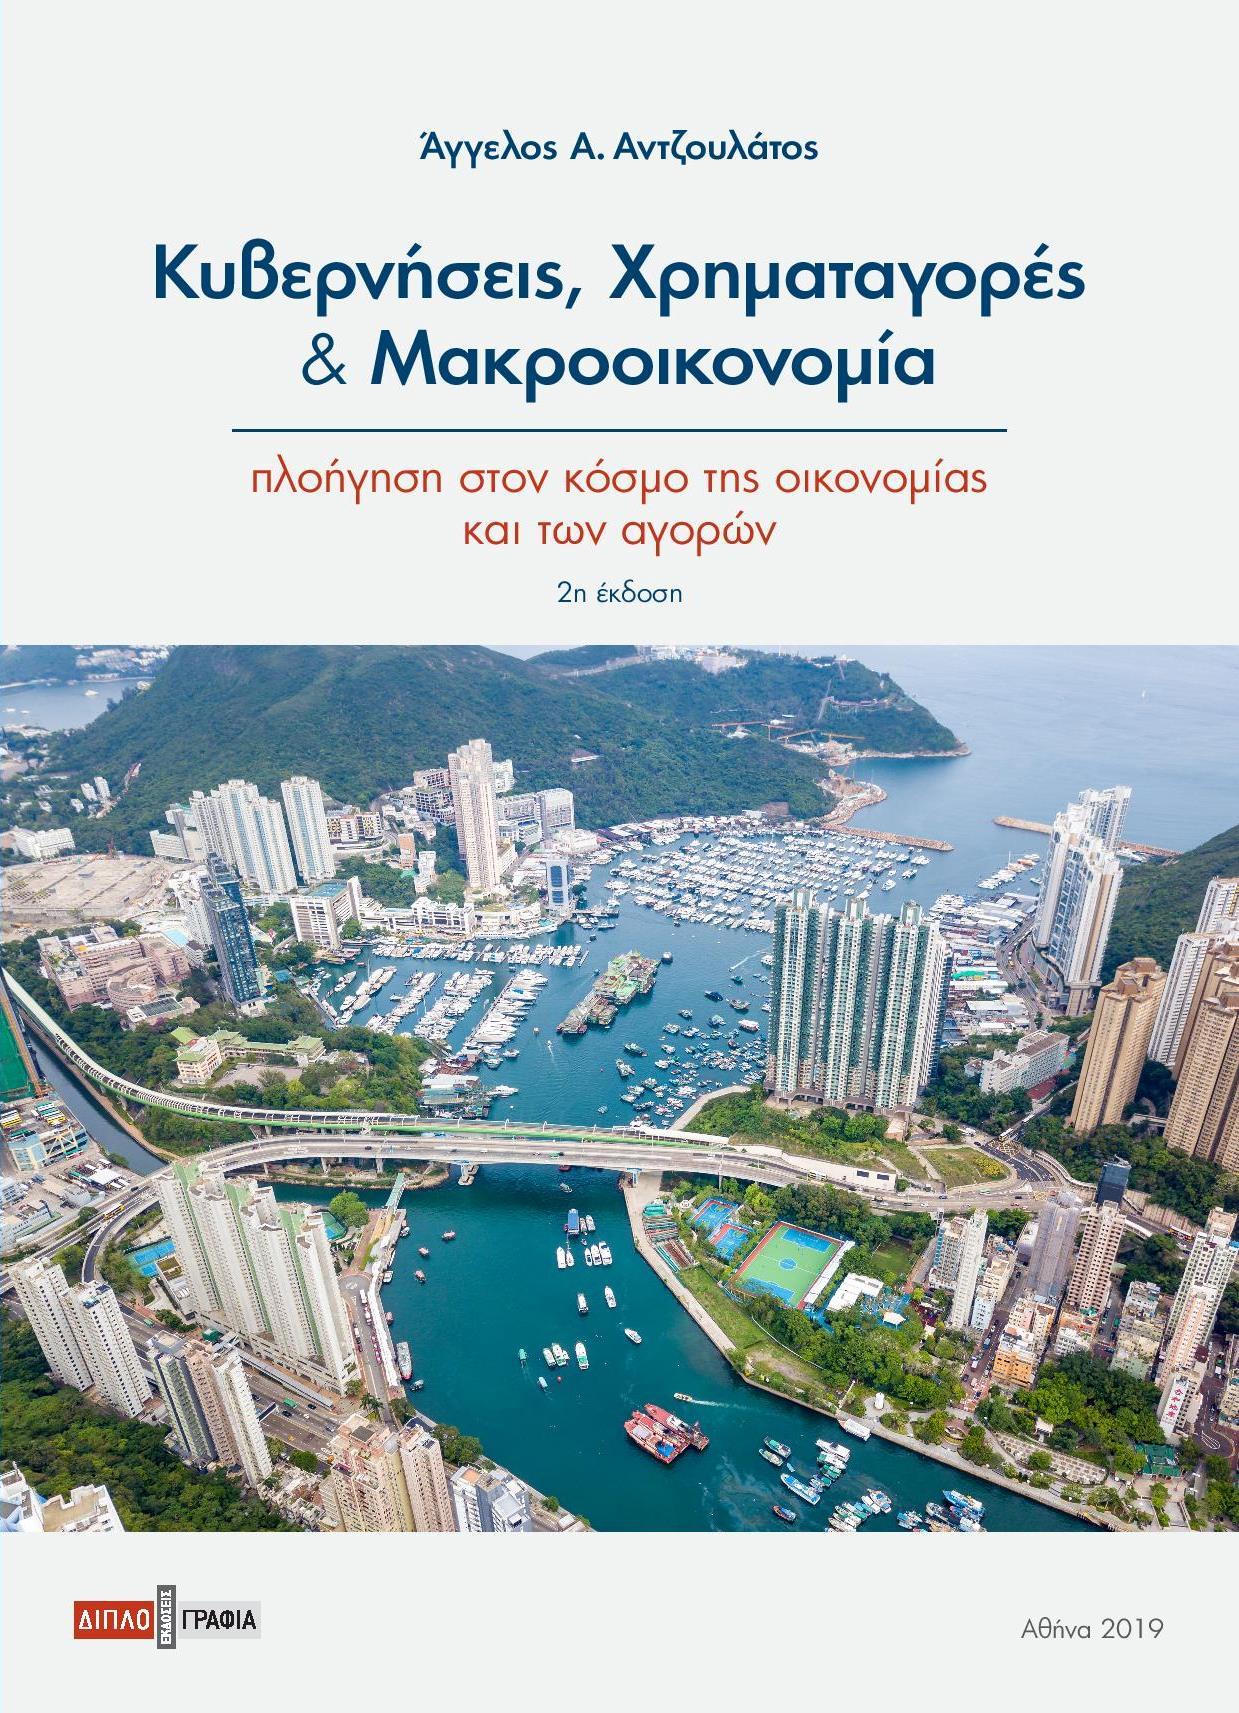 Κυβερνήσεις, Χρηματαγορές και Μακροοικονομία – 2η εκδ. 2019